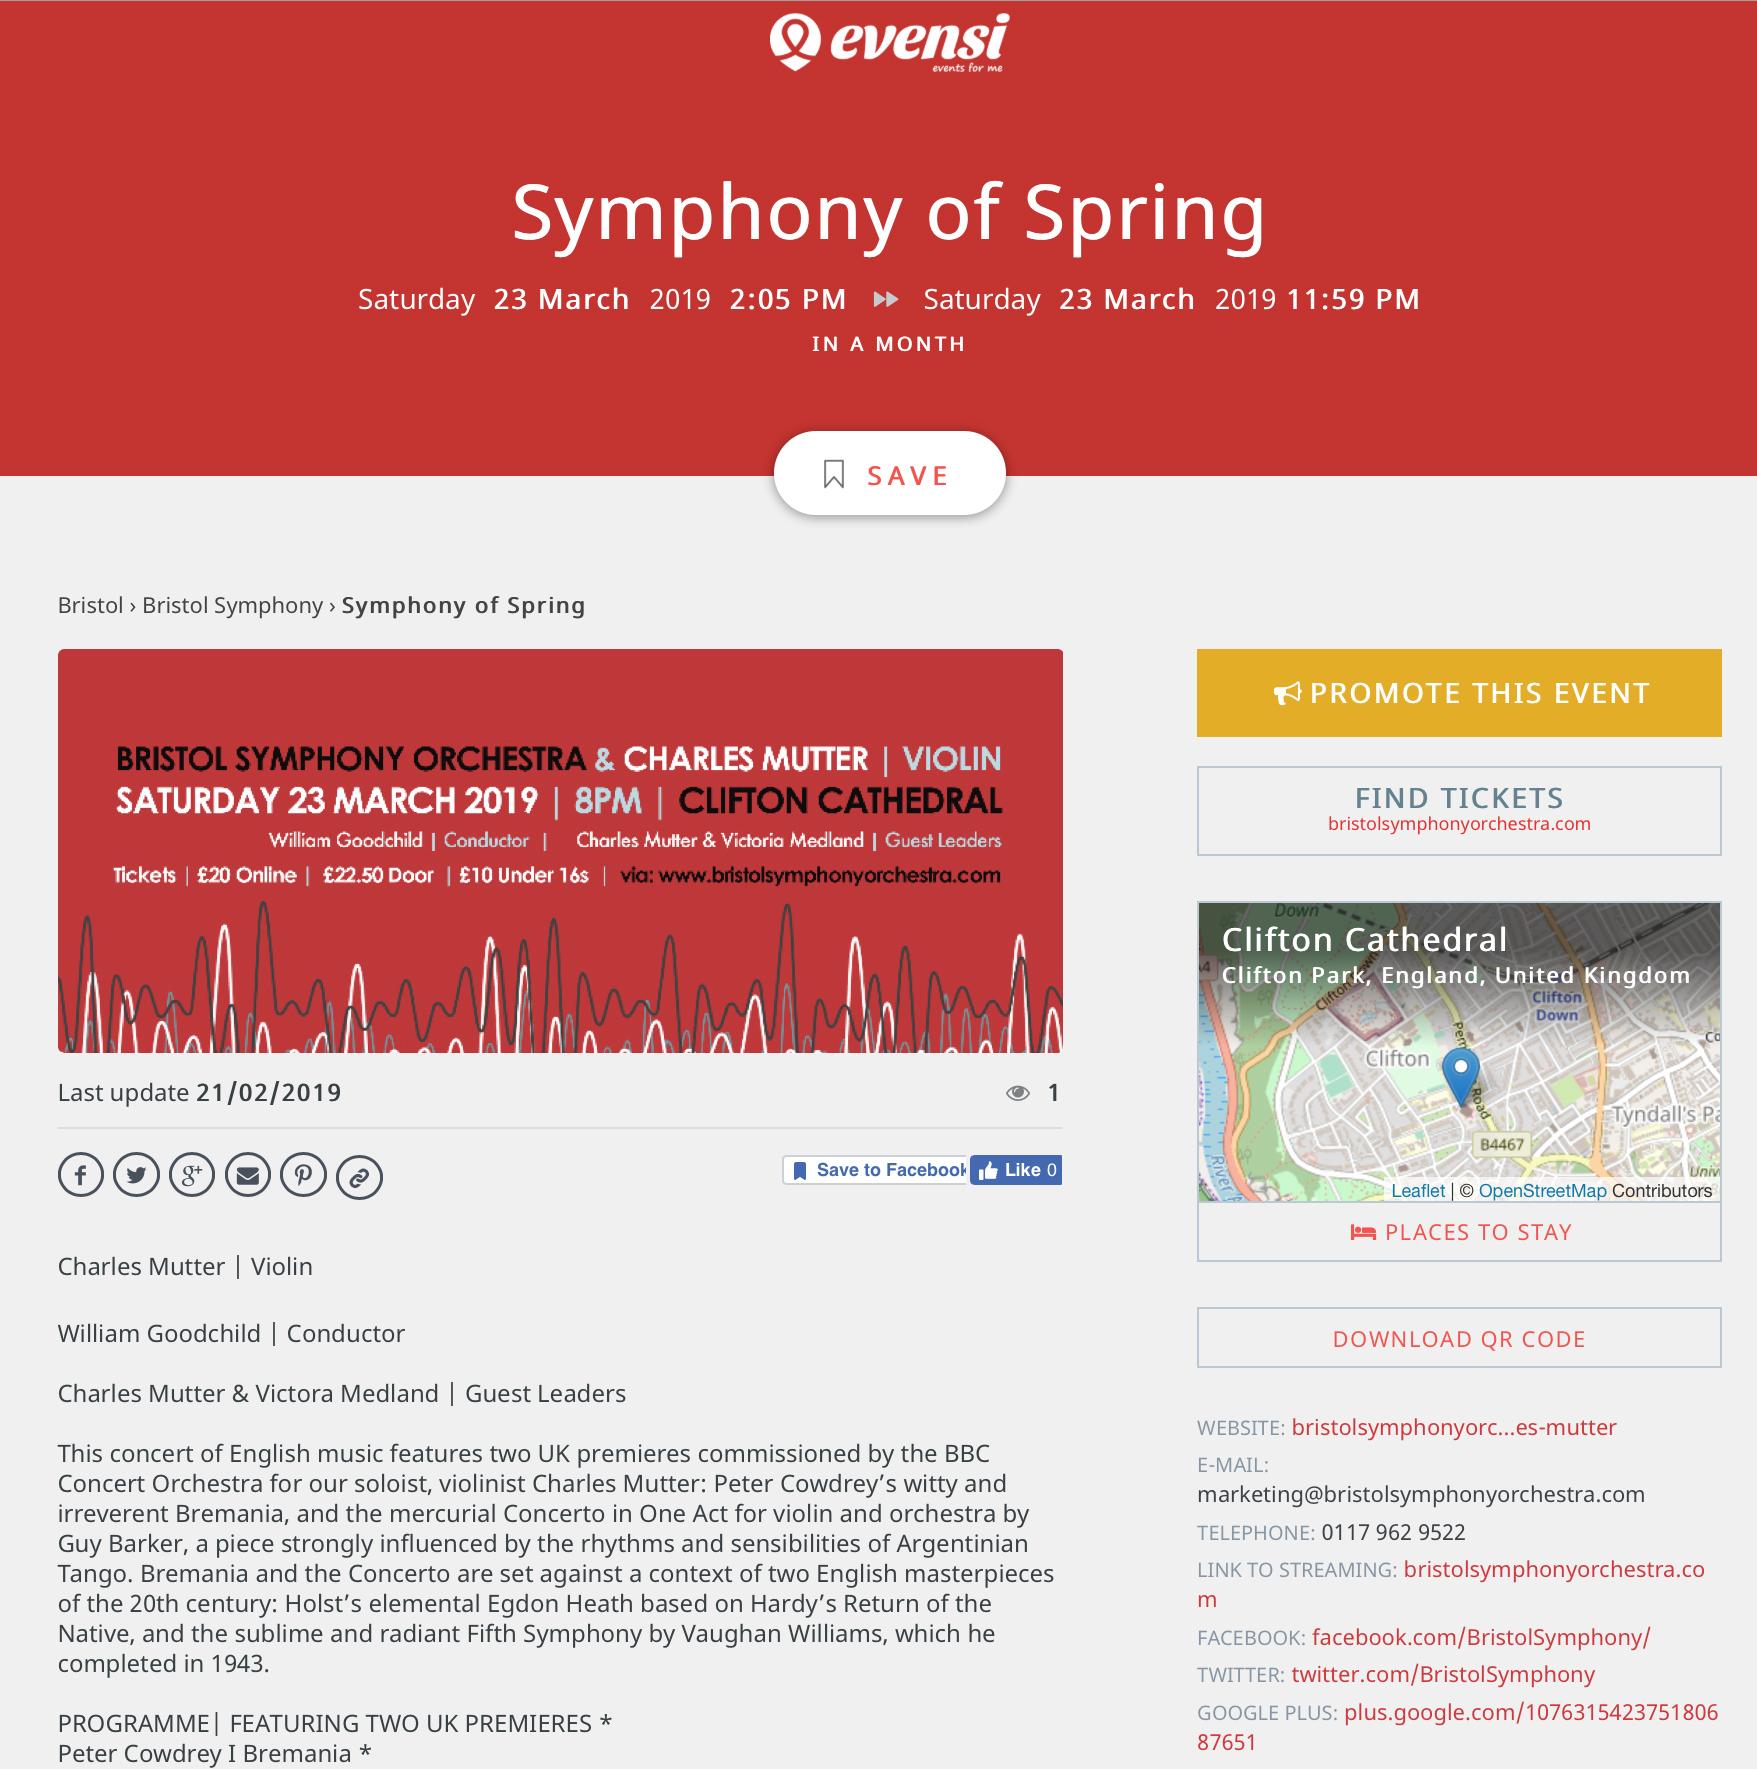 Symphony of Spring